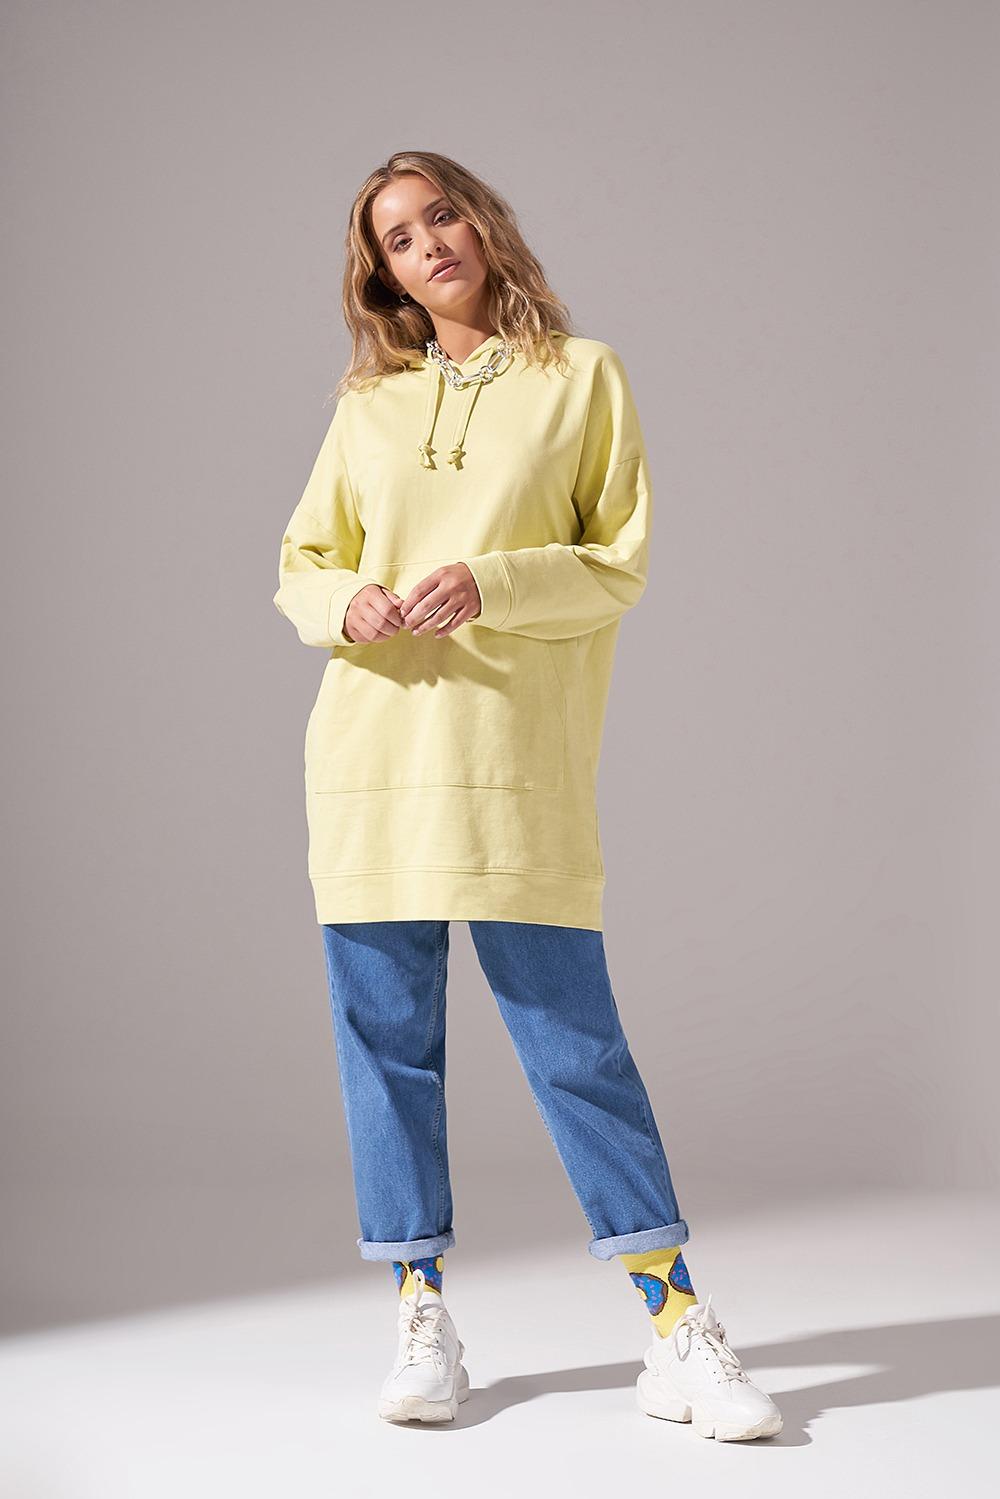 Kapüşonlu Basic Fıstık Yeşili Sweatshirt